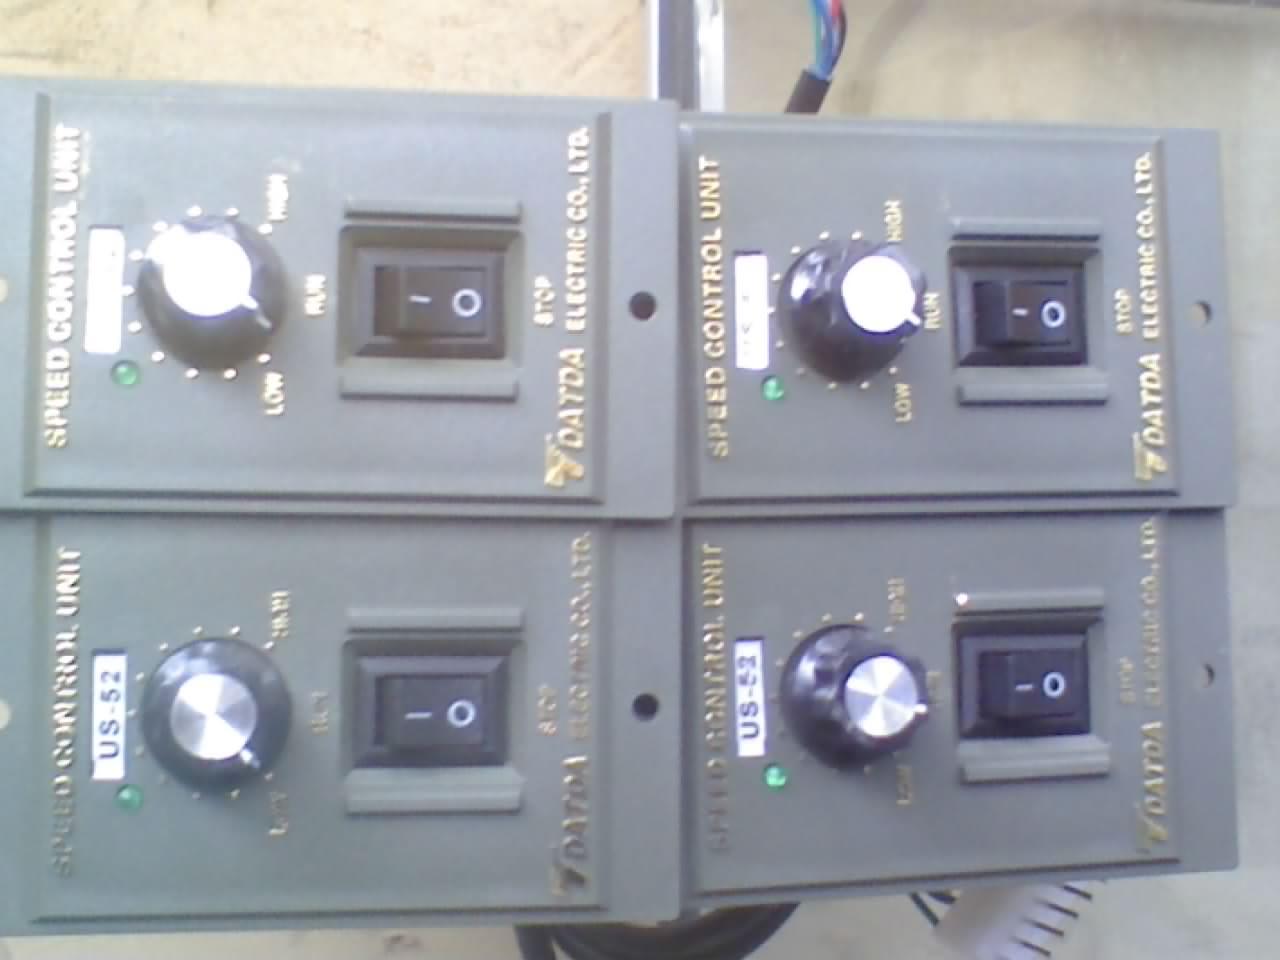 供应马达调速器 电机调速器 小马达调速器 jda1 us52